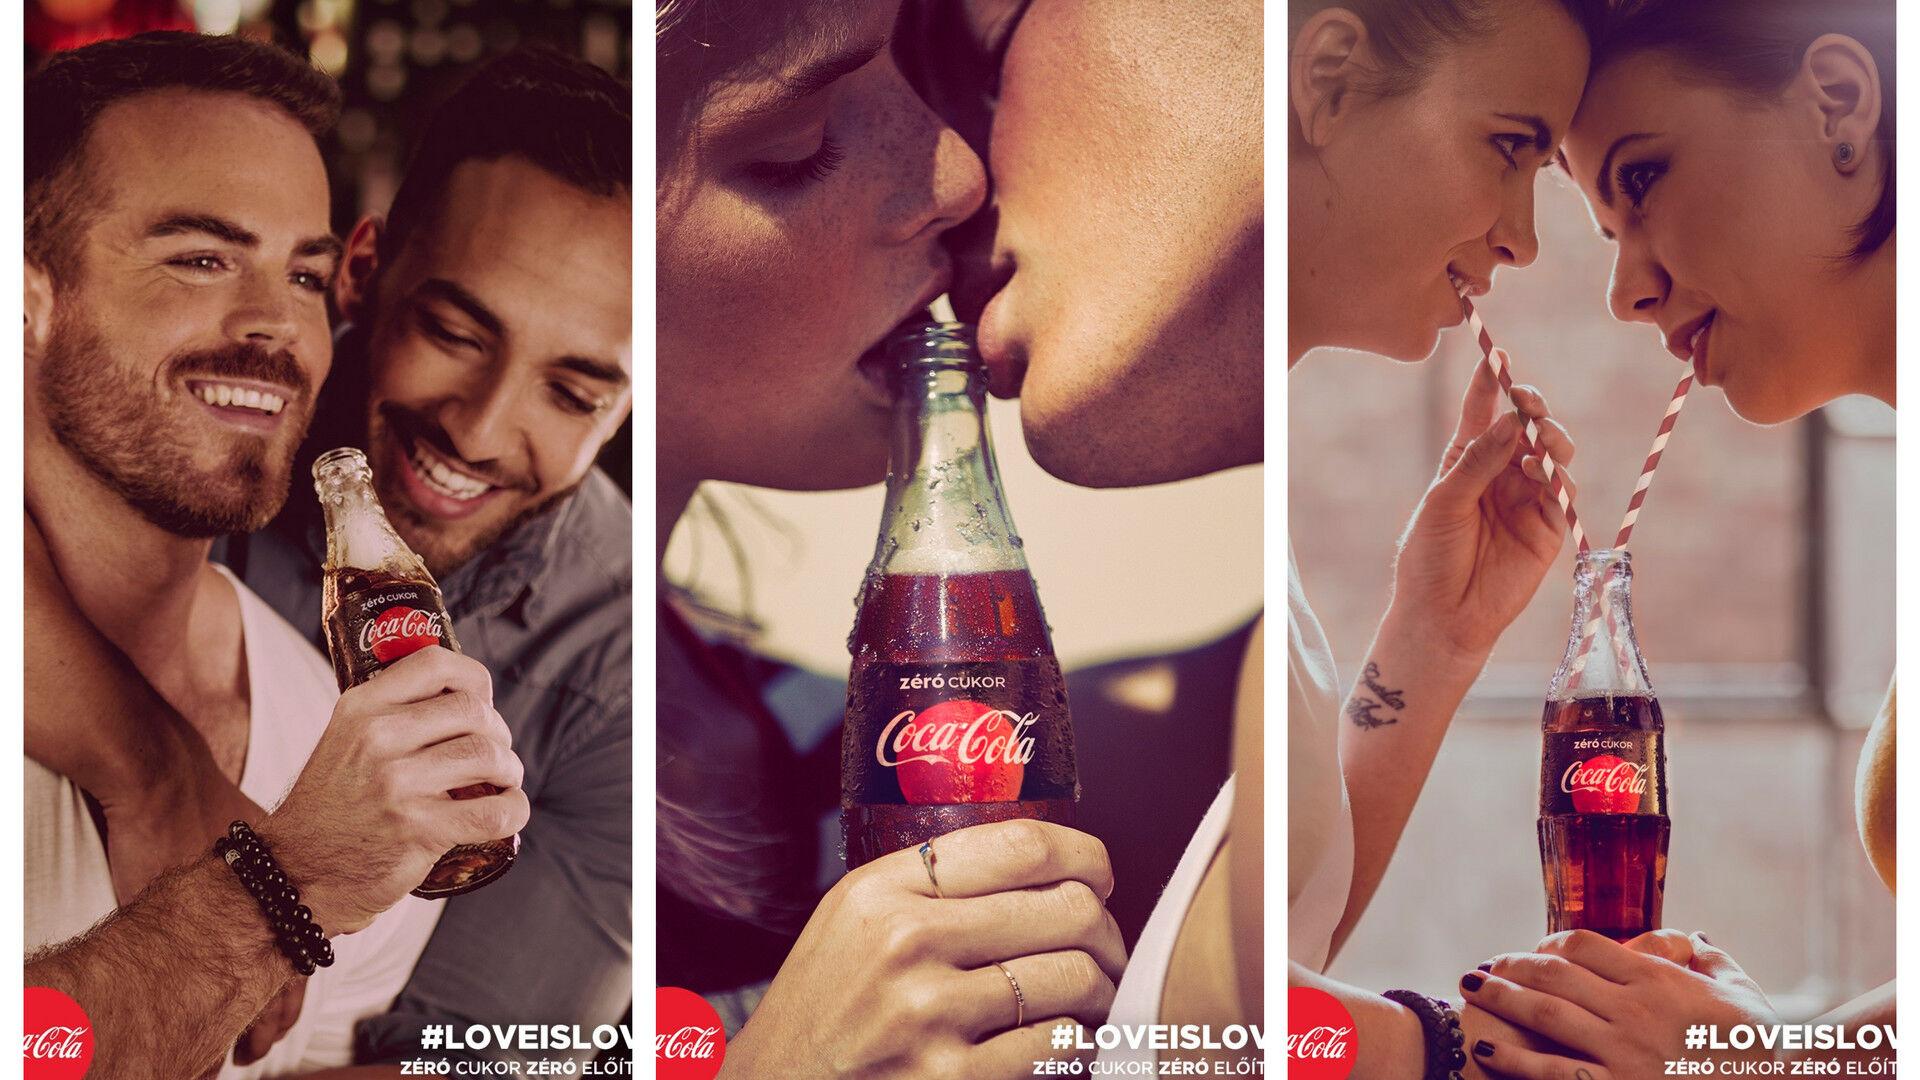 coca cola meleg plakátok budapest